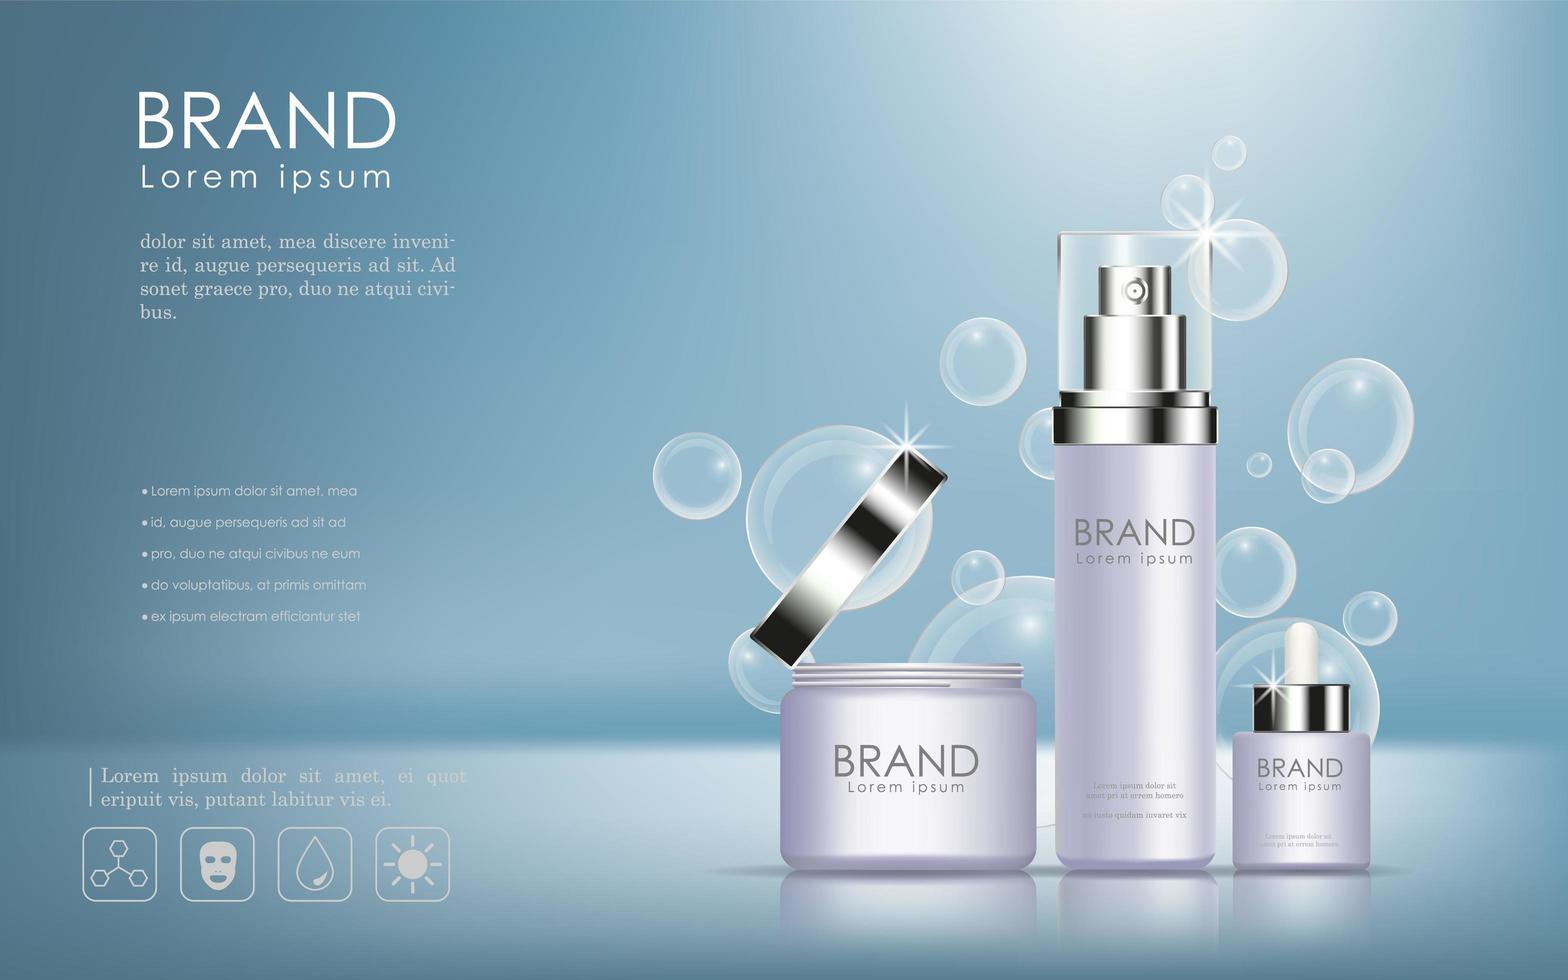 cosmetische producten advertentie met bubble achtergrond vector